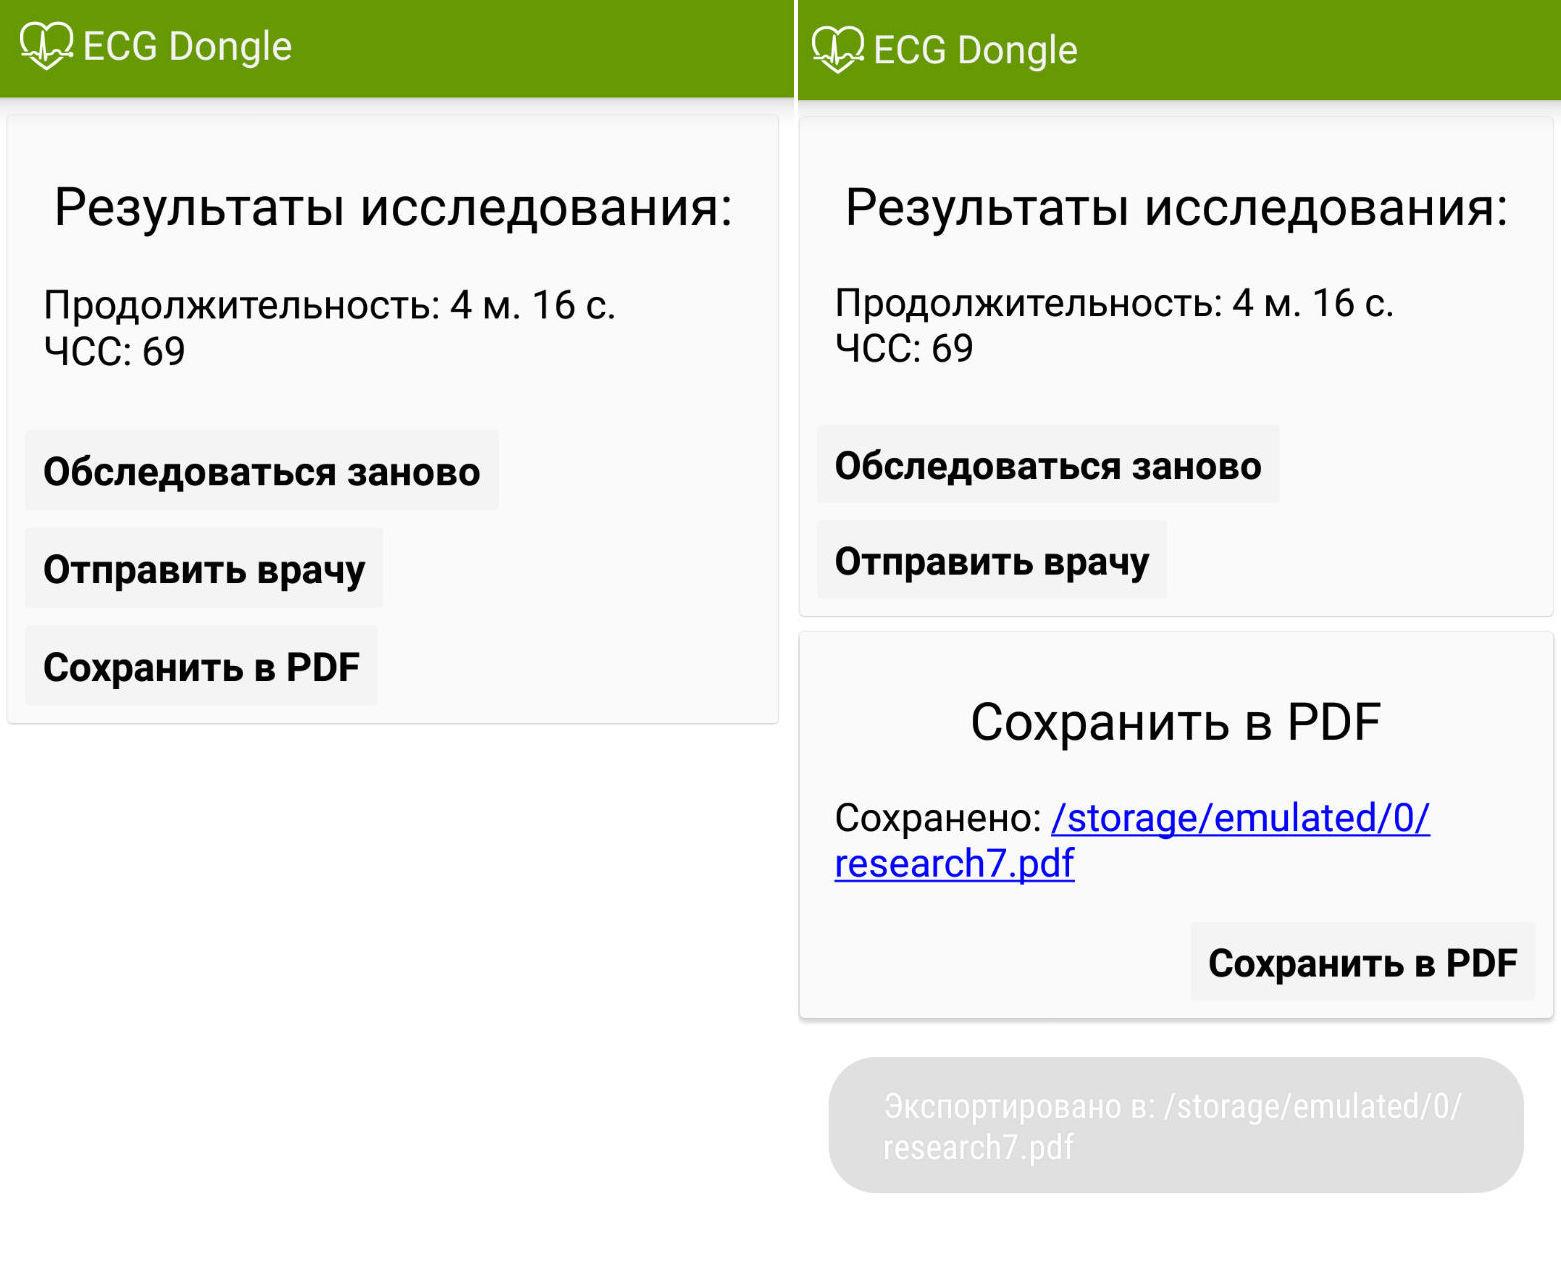 ЭКГ на дому, или сделано в России: отечественные разработчики представили кардиофлешку [7]